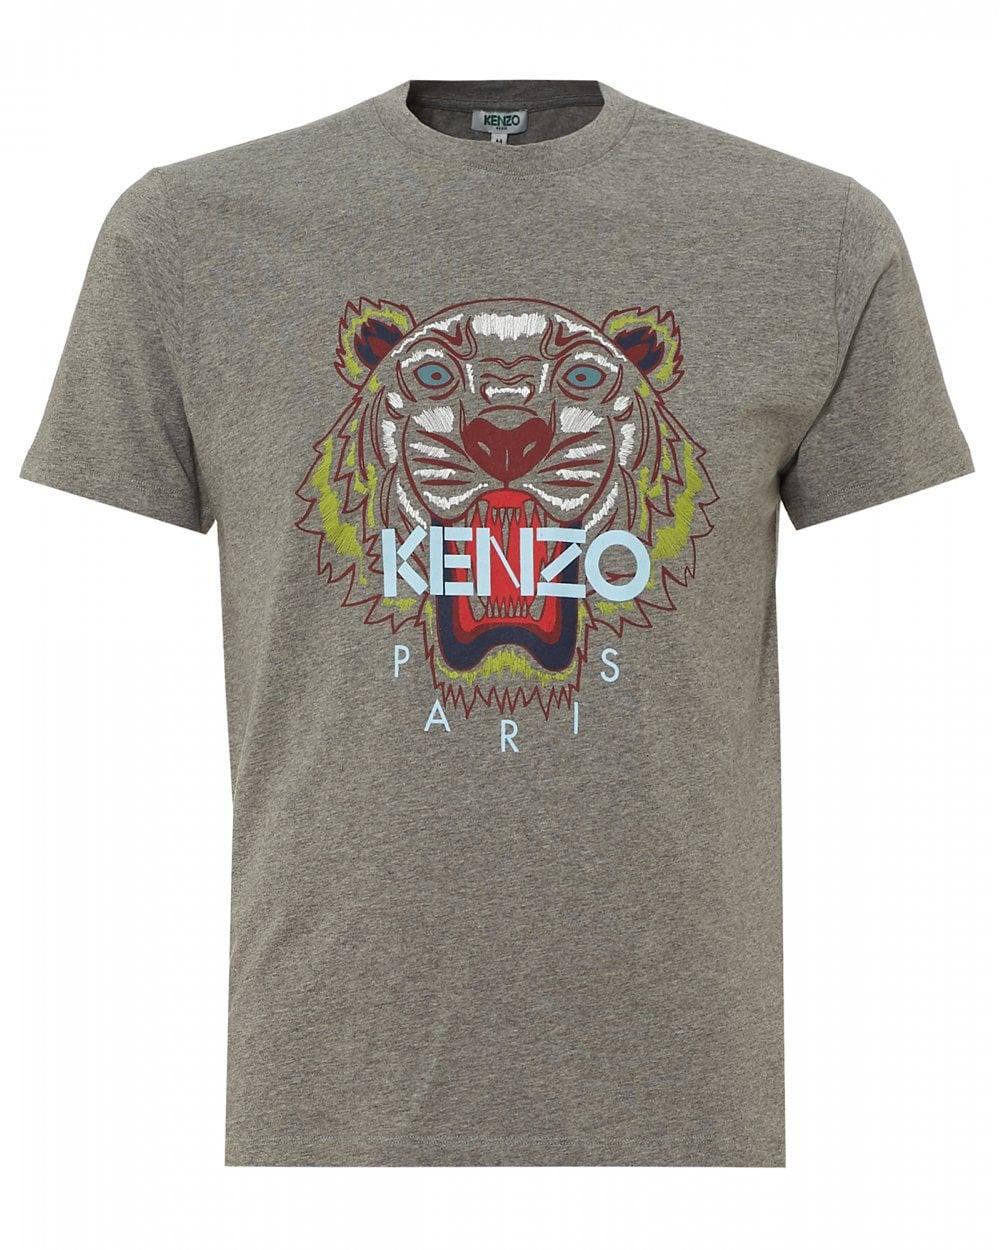 Tee Mens Grey Dove Kenzo Tiger Neck T ShirtCrew xCshdtQr